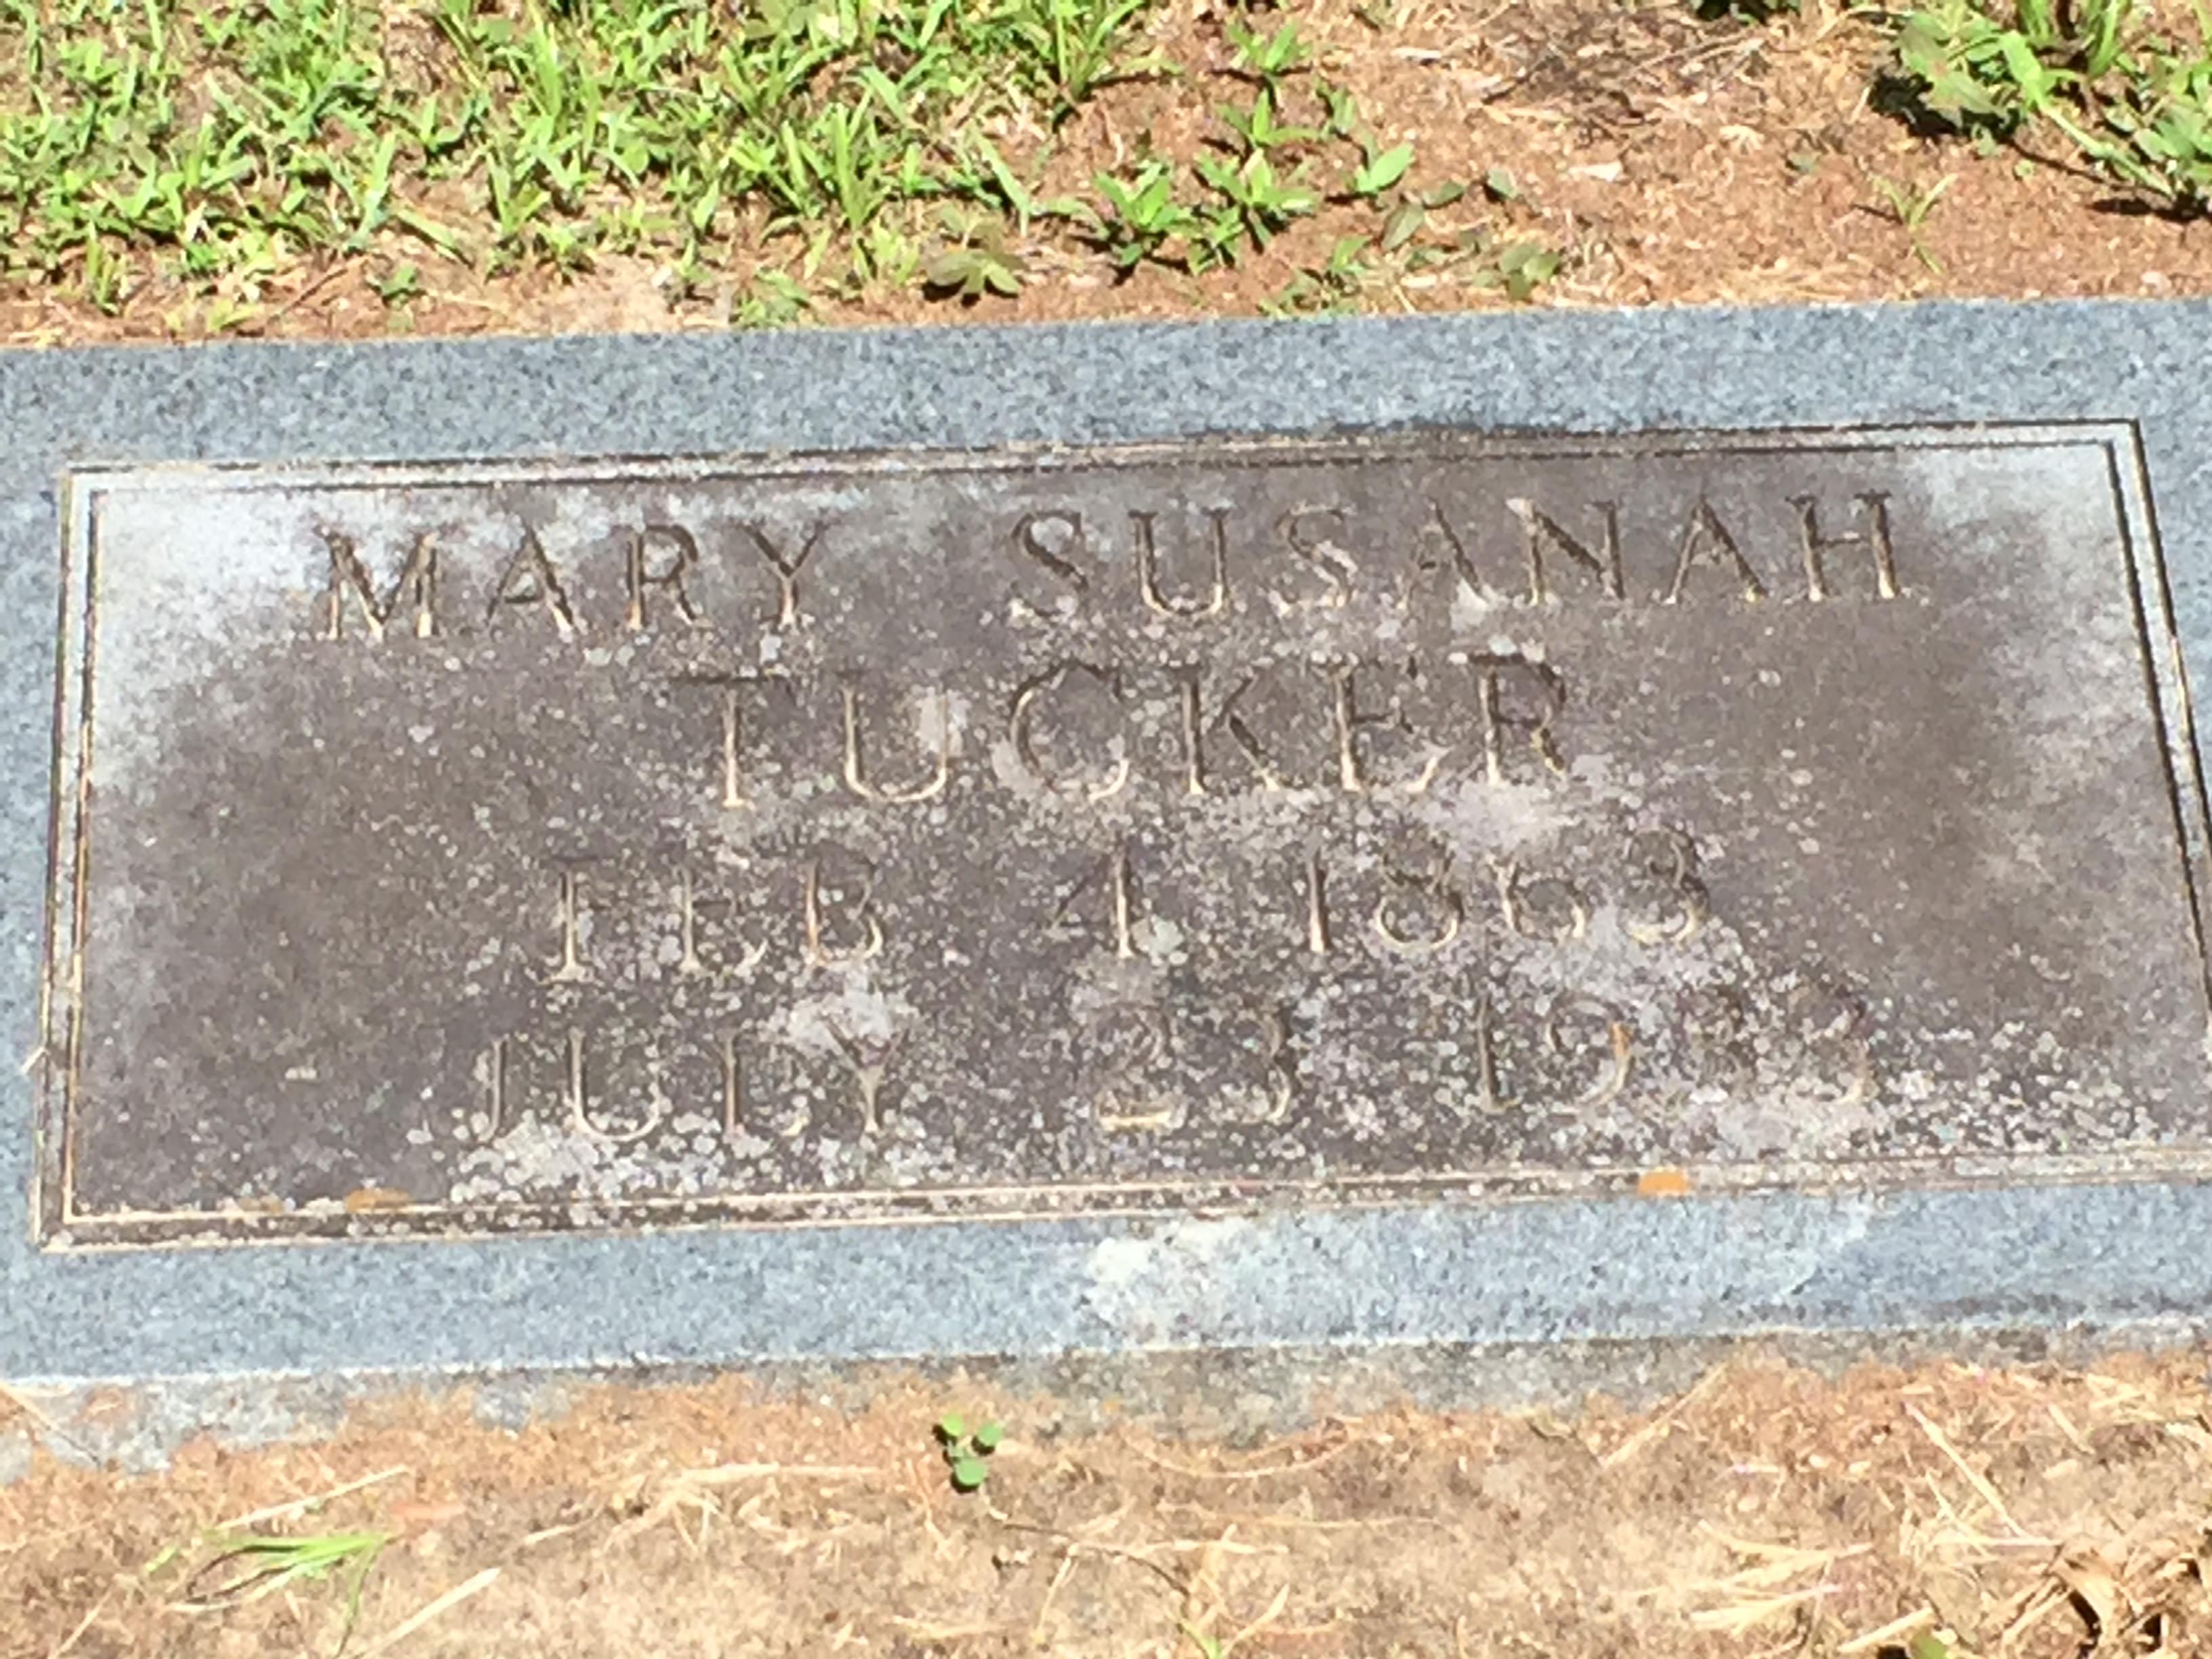 Mary Susanah Johnson